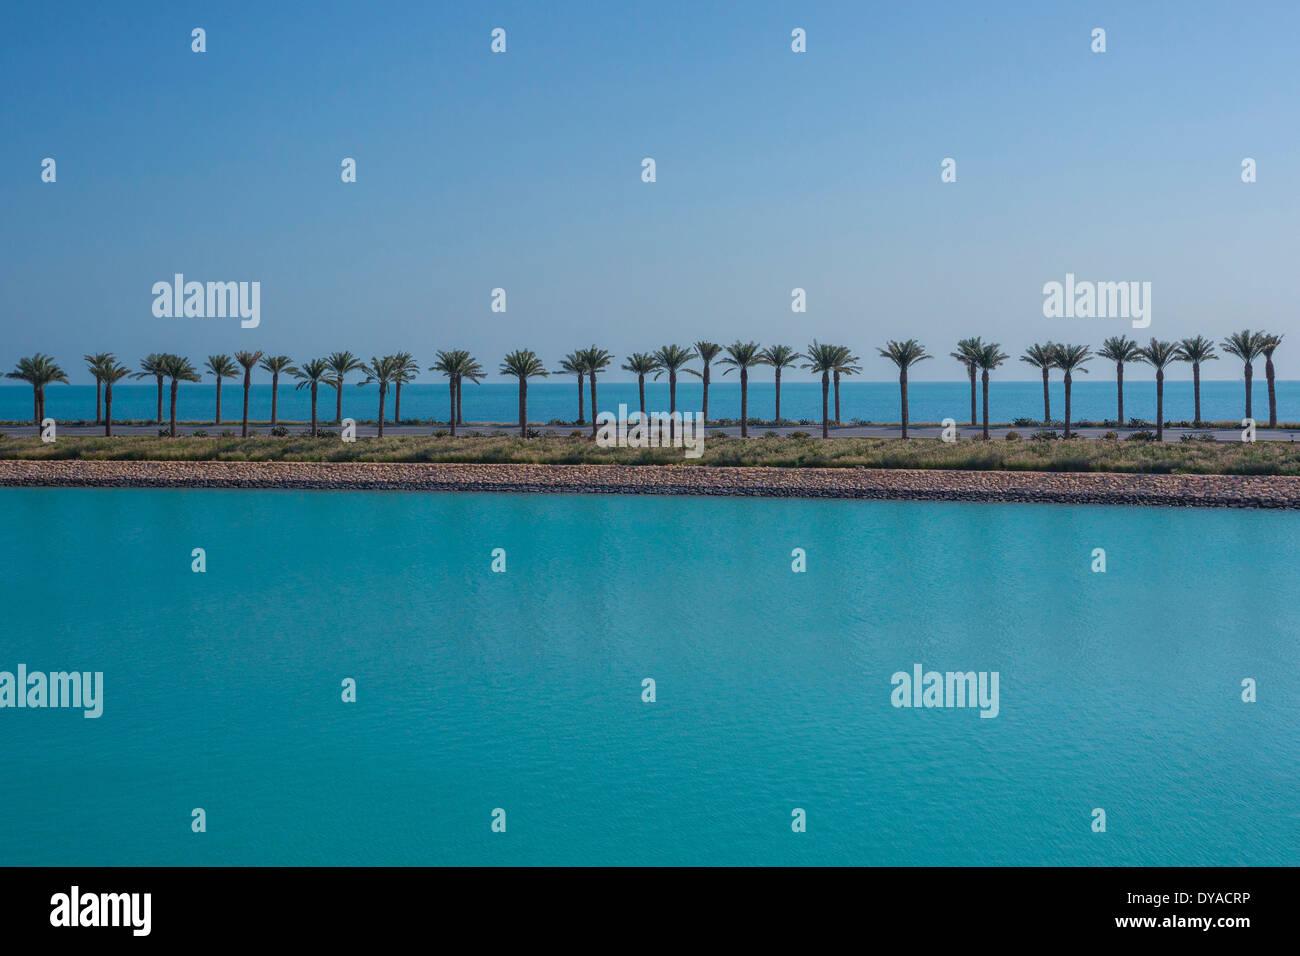 Doha, Katar, Nahost, Stadt, Horizont, Palmen, Straße, Meer, Tourismus, Reisen, Autobahn Stockbild